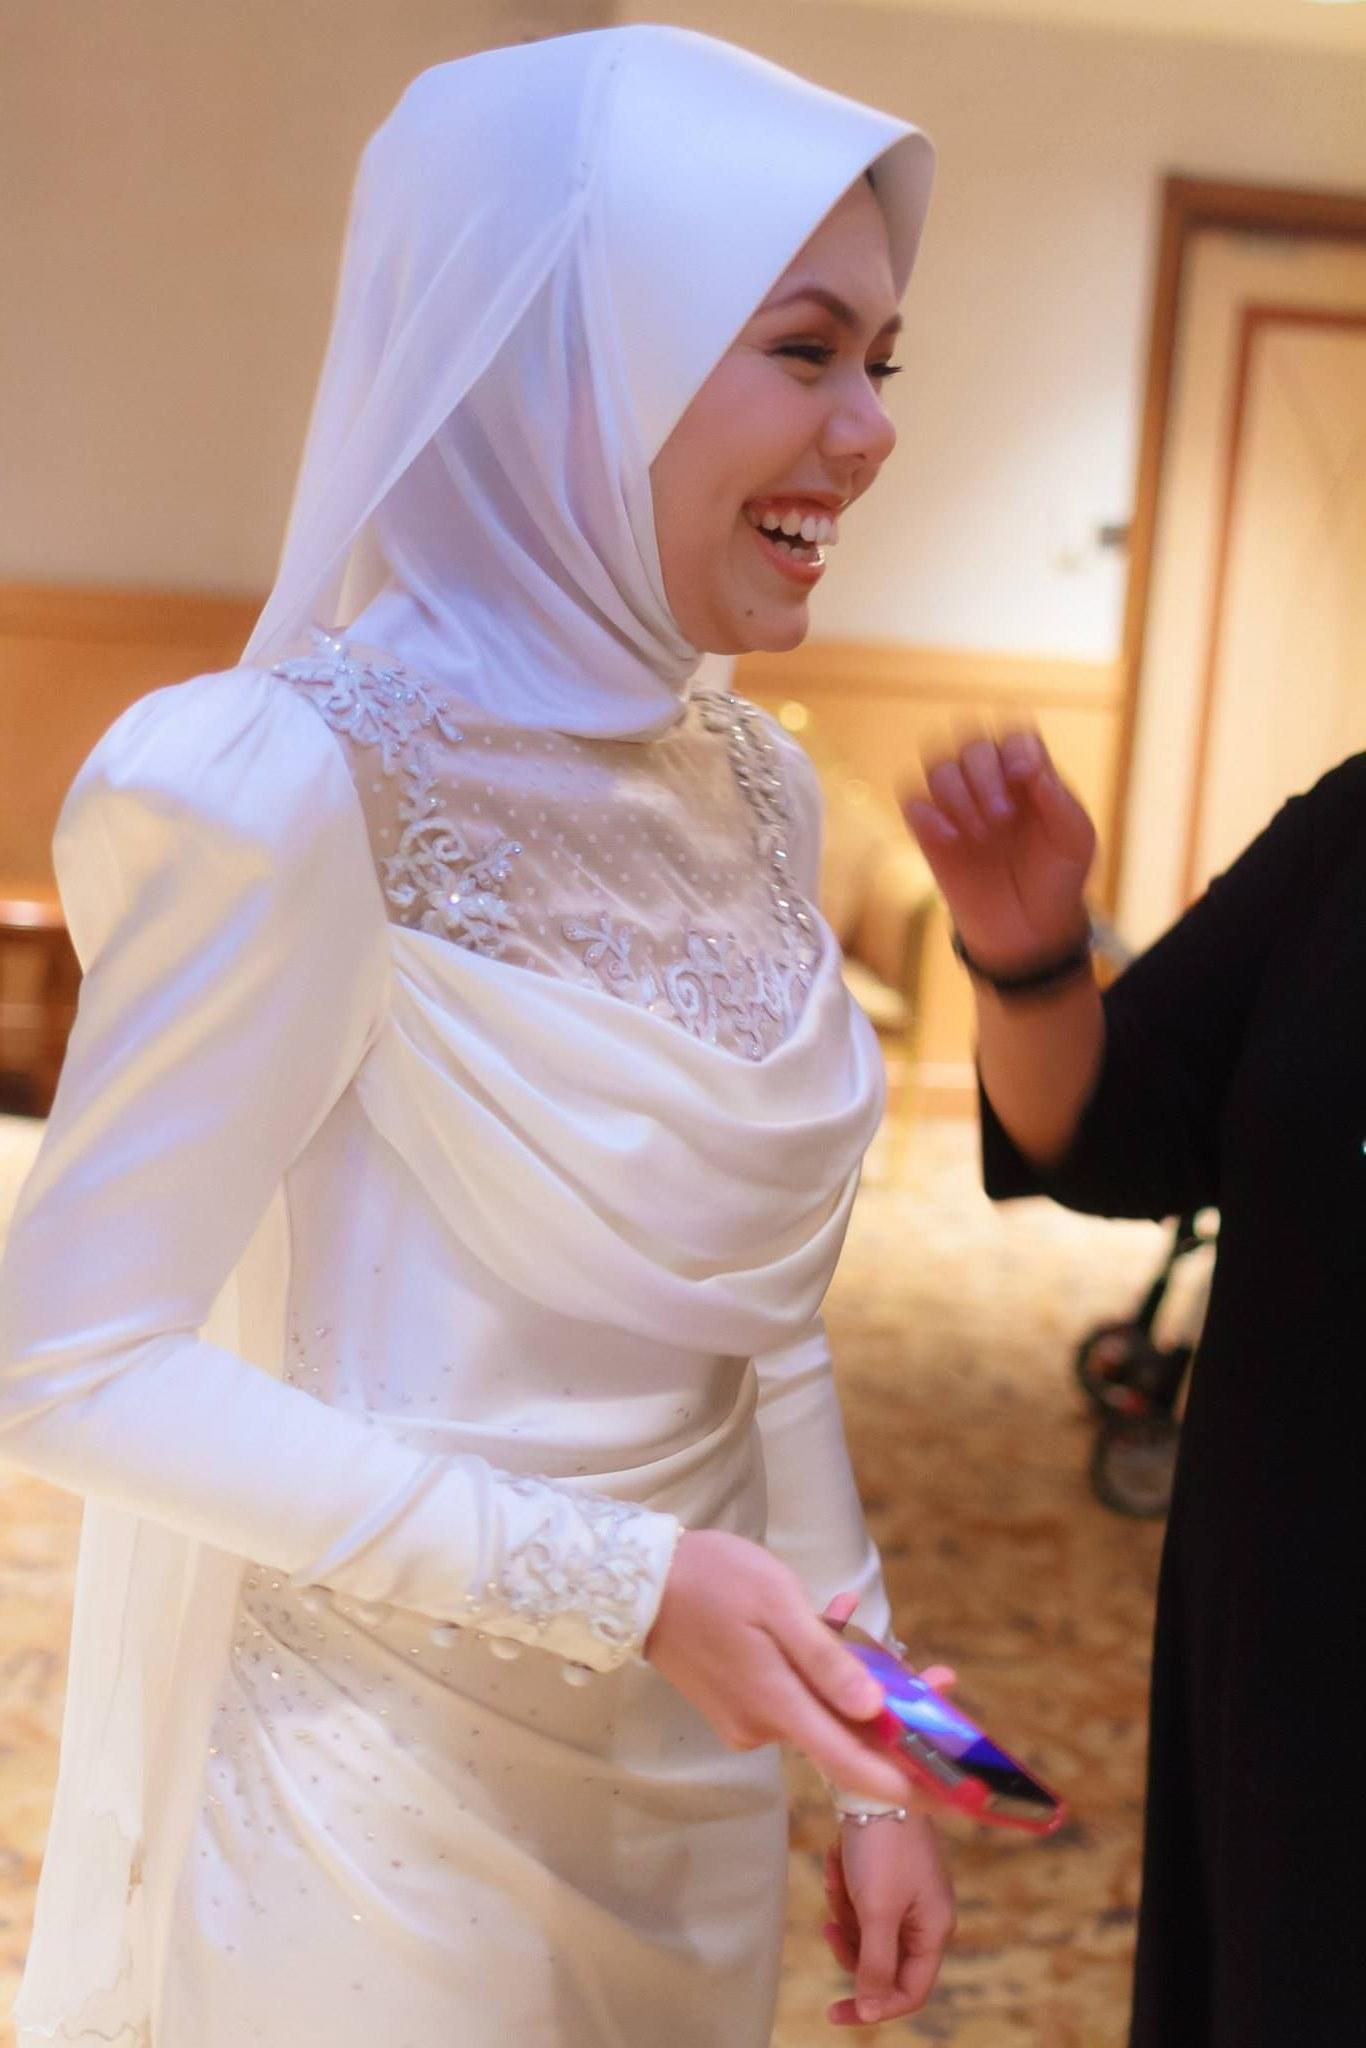 Ide Design Baju Pengantin Muslimah Whdr Baju Pengantin Moden Baju Pengantin songket by Melinda